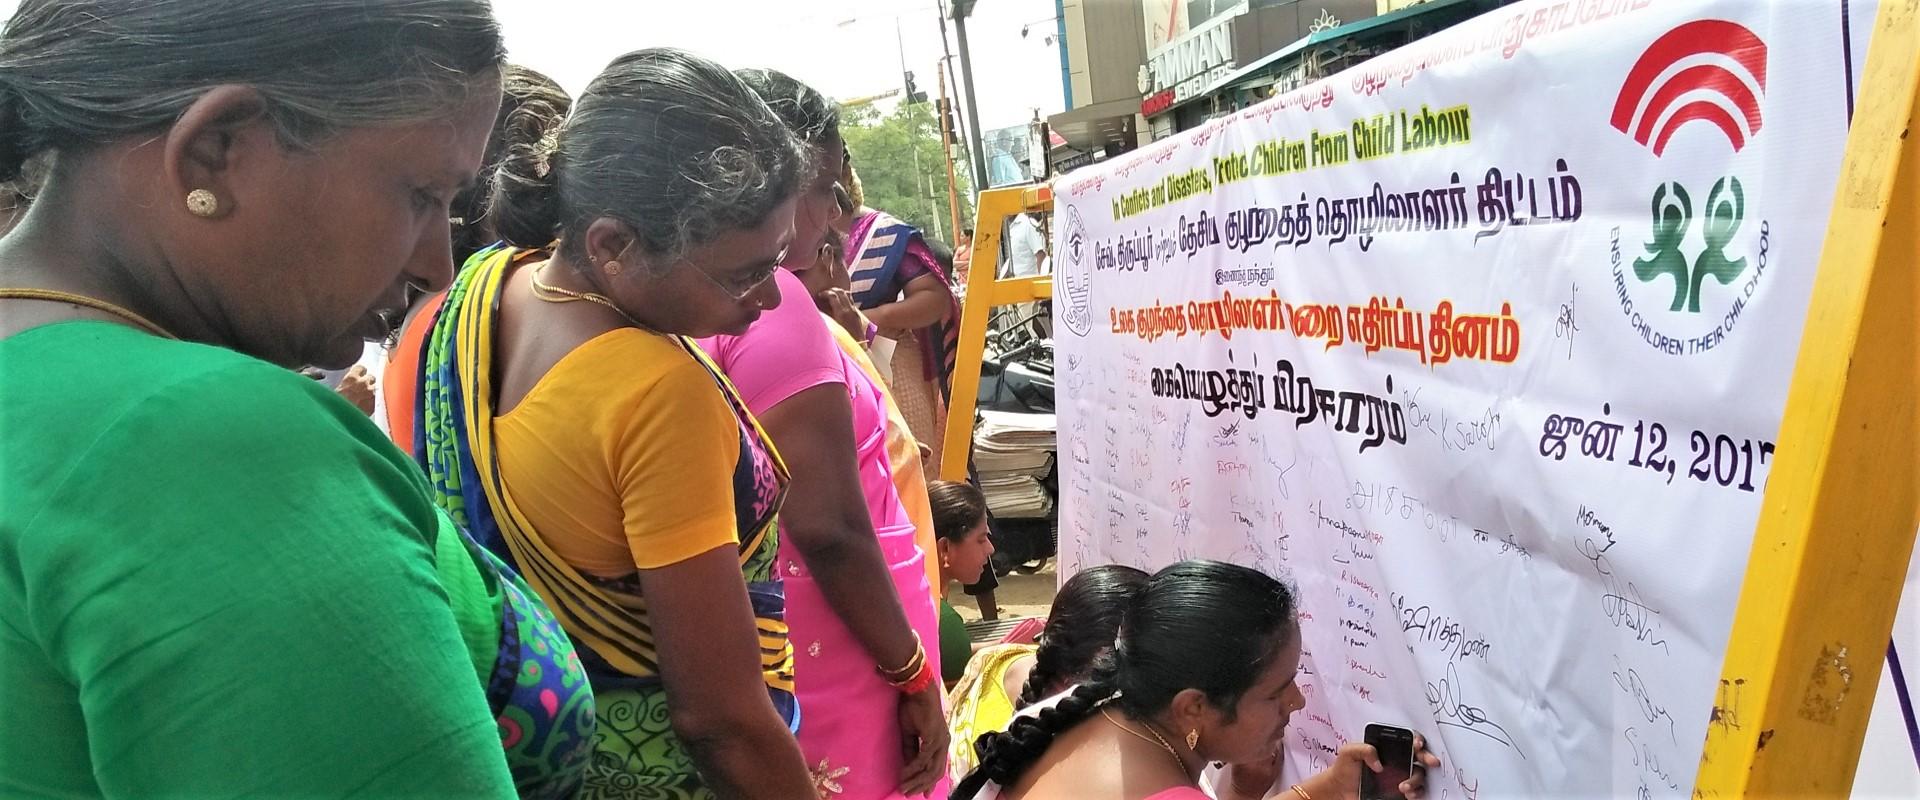 Giornata_contro_lavoro_minorile_save_india_mani_tese_2017